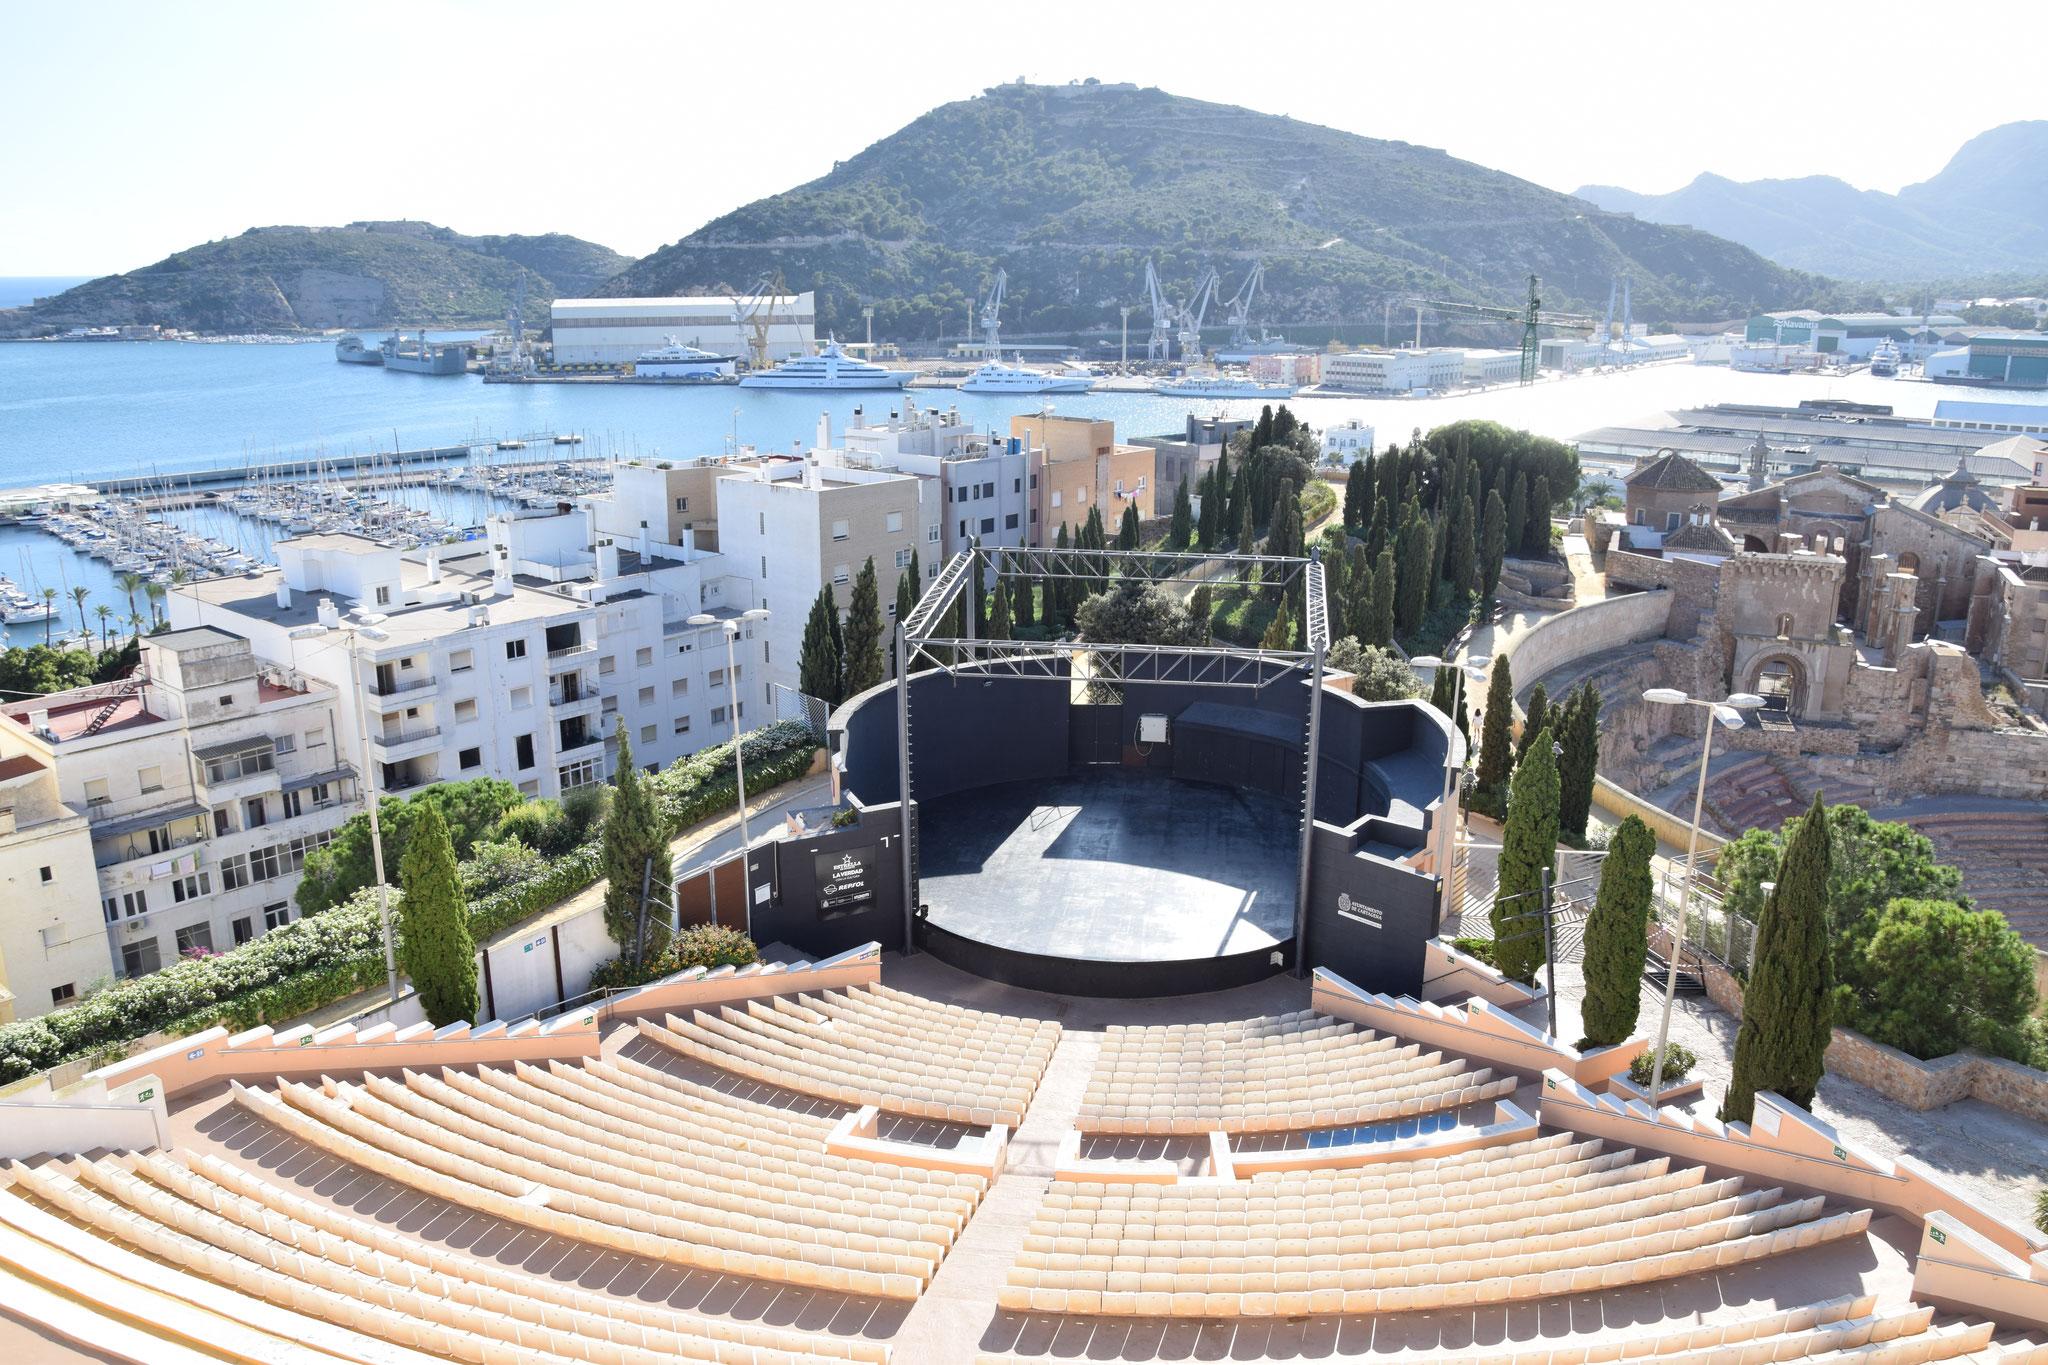 Open-Air-Auditorium für Festivals etc. oberhalb des römischen Theaters